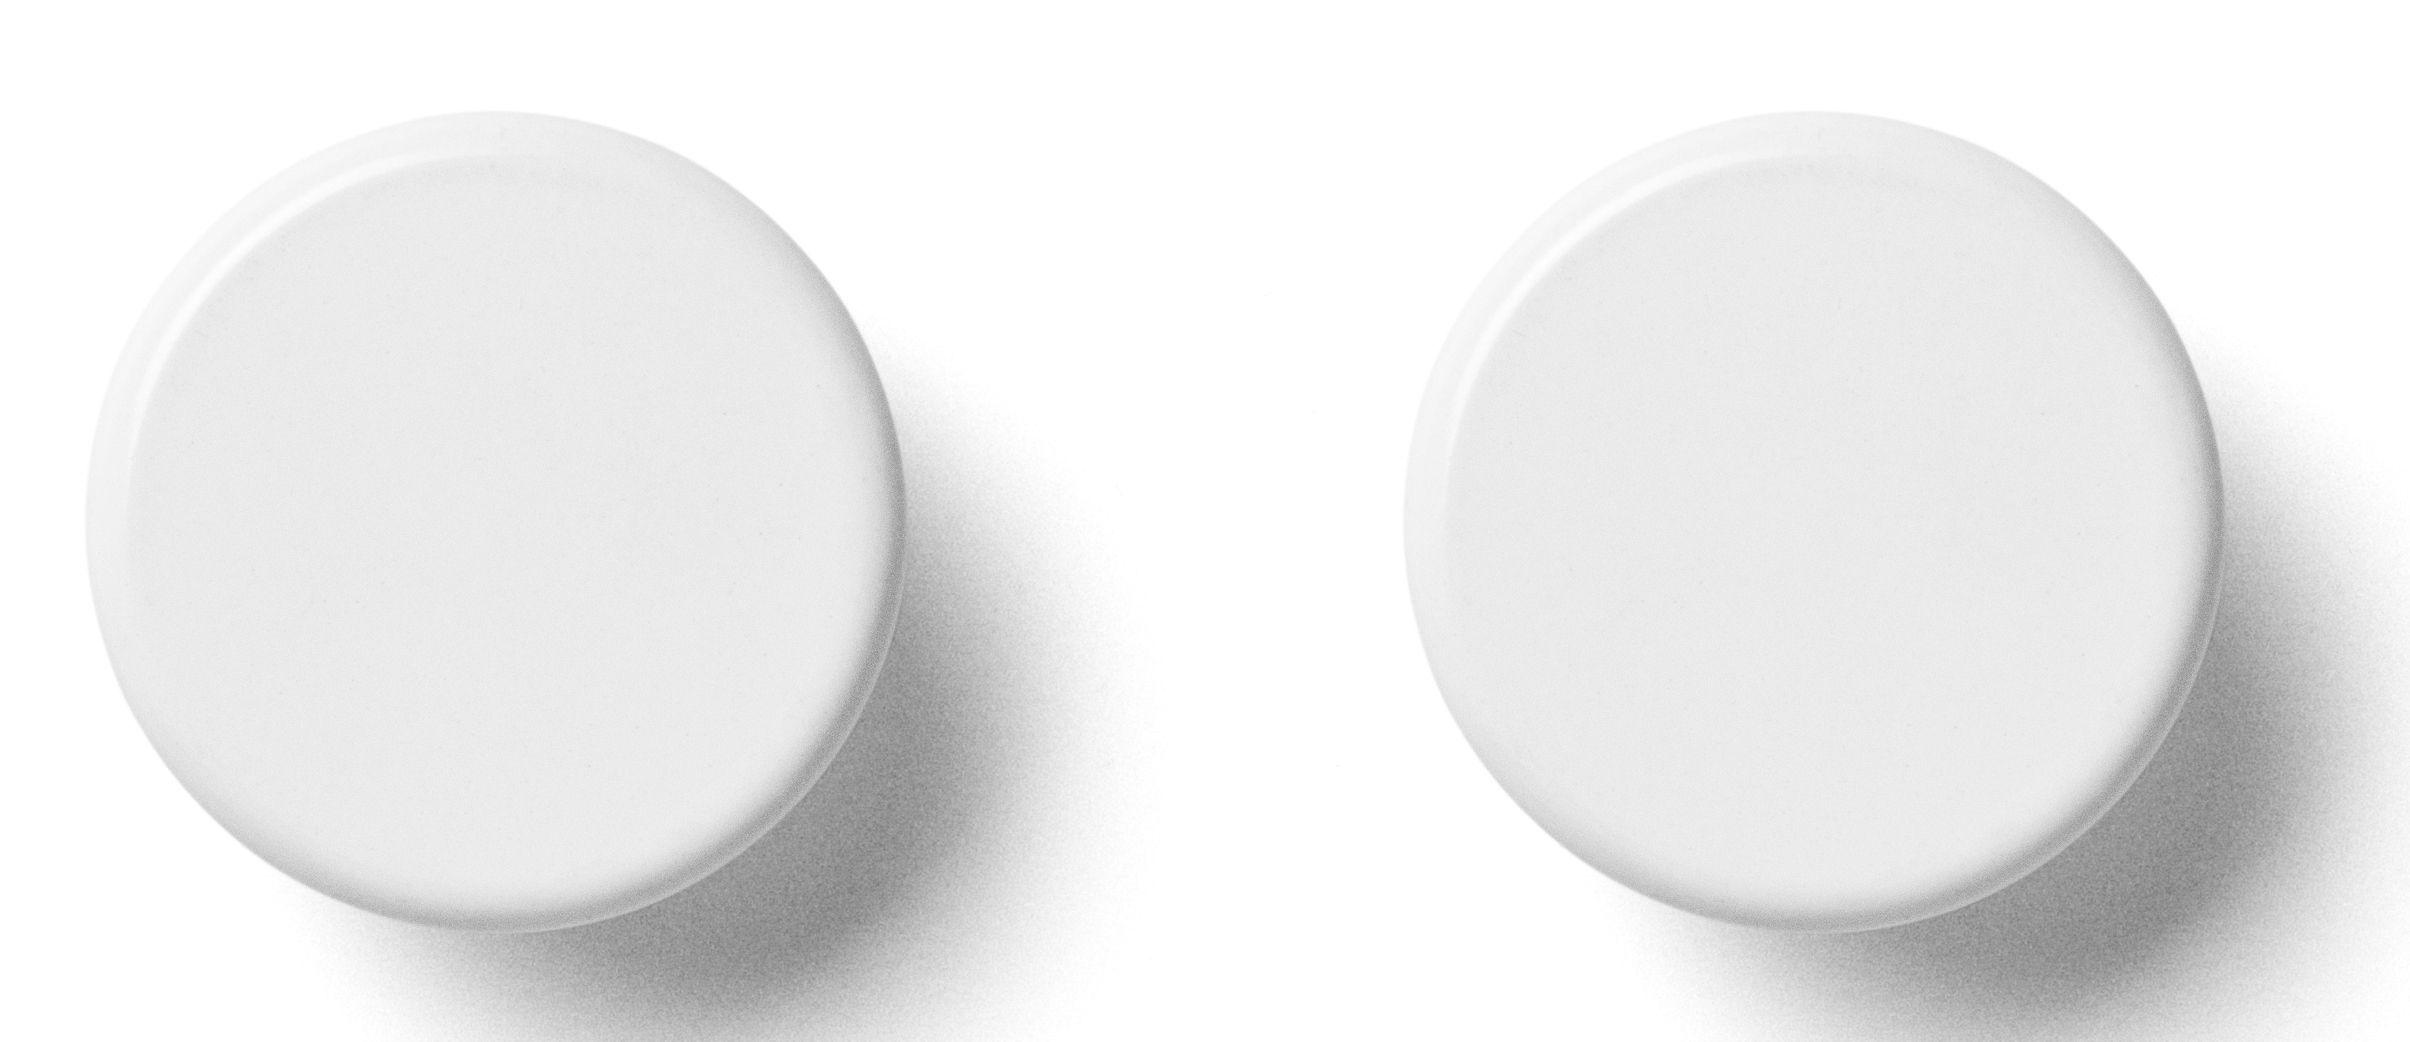 Möbel - Garderoben und Kleiderhaken - Wandhaken / 2er-Set - Menu - Weiß - Stahl